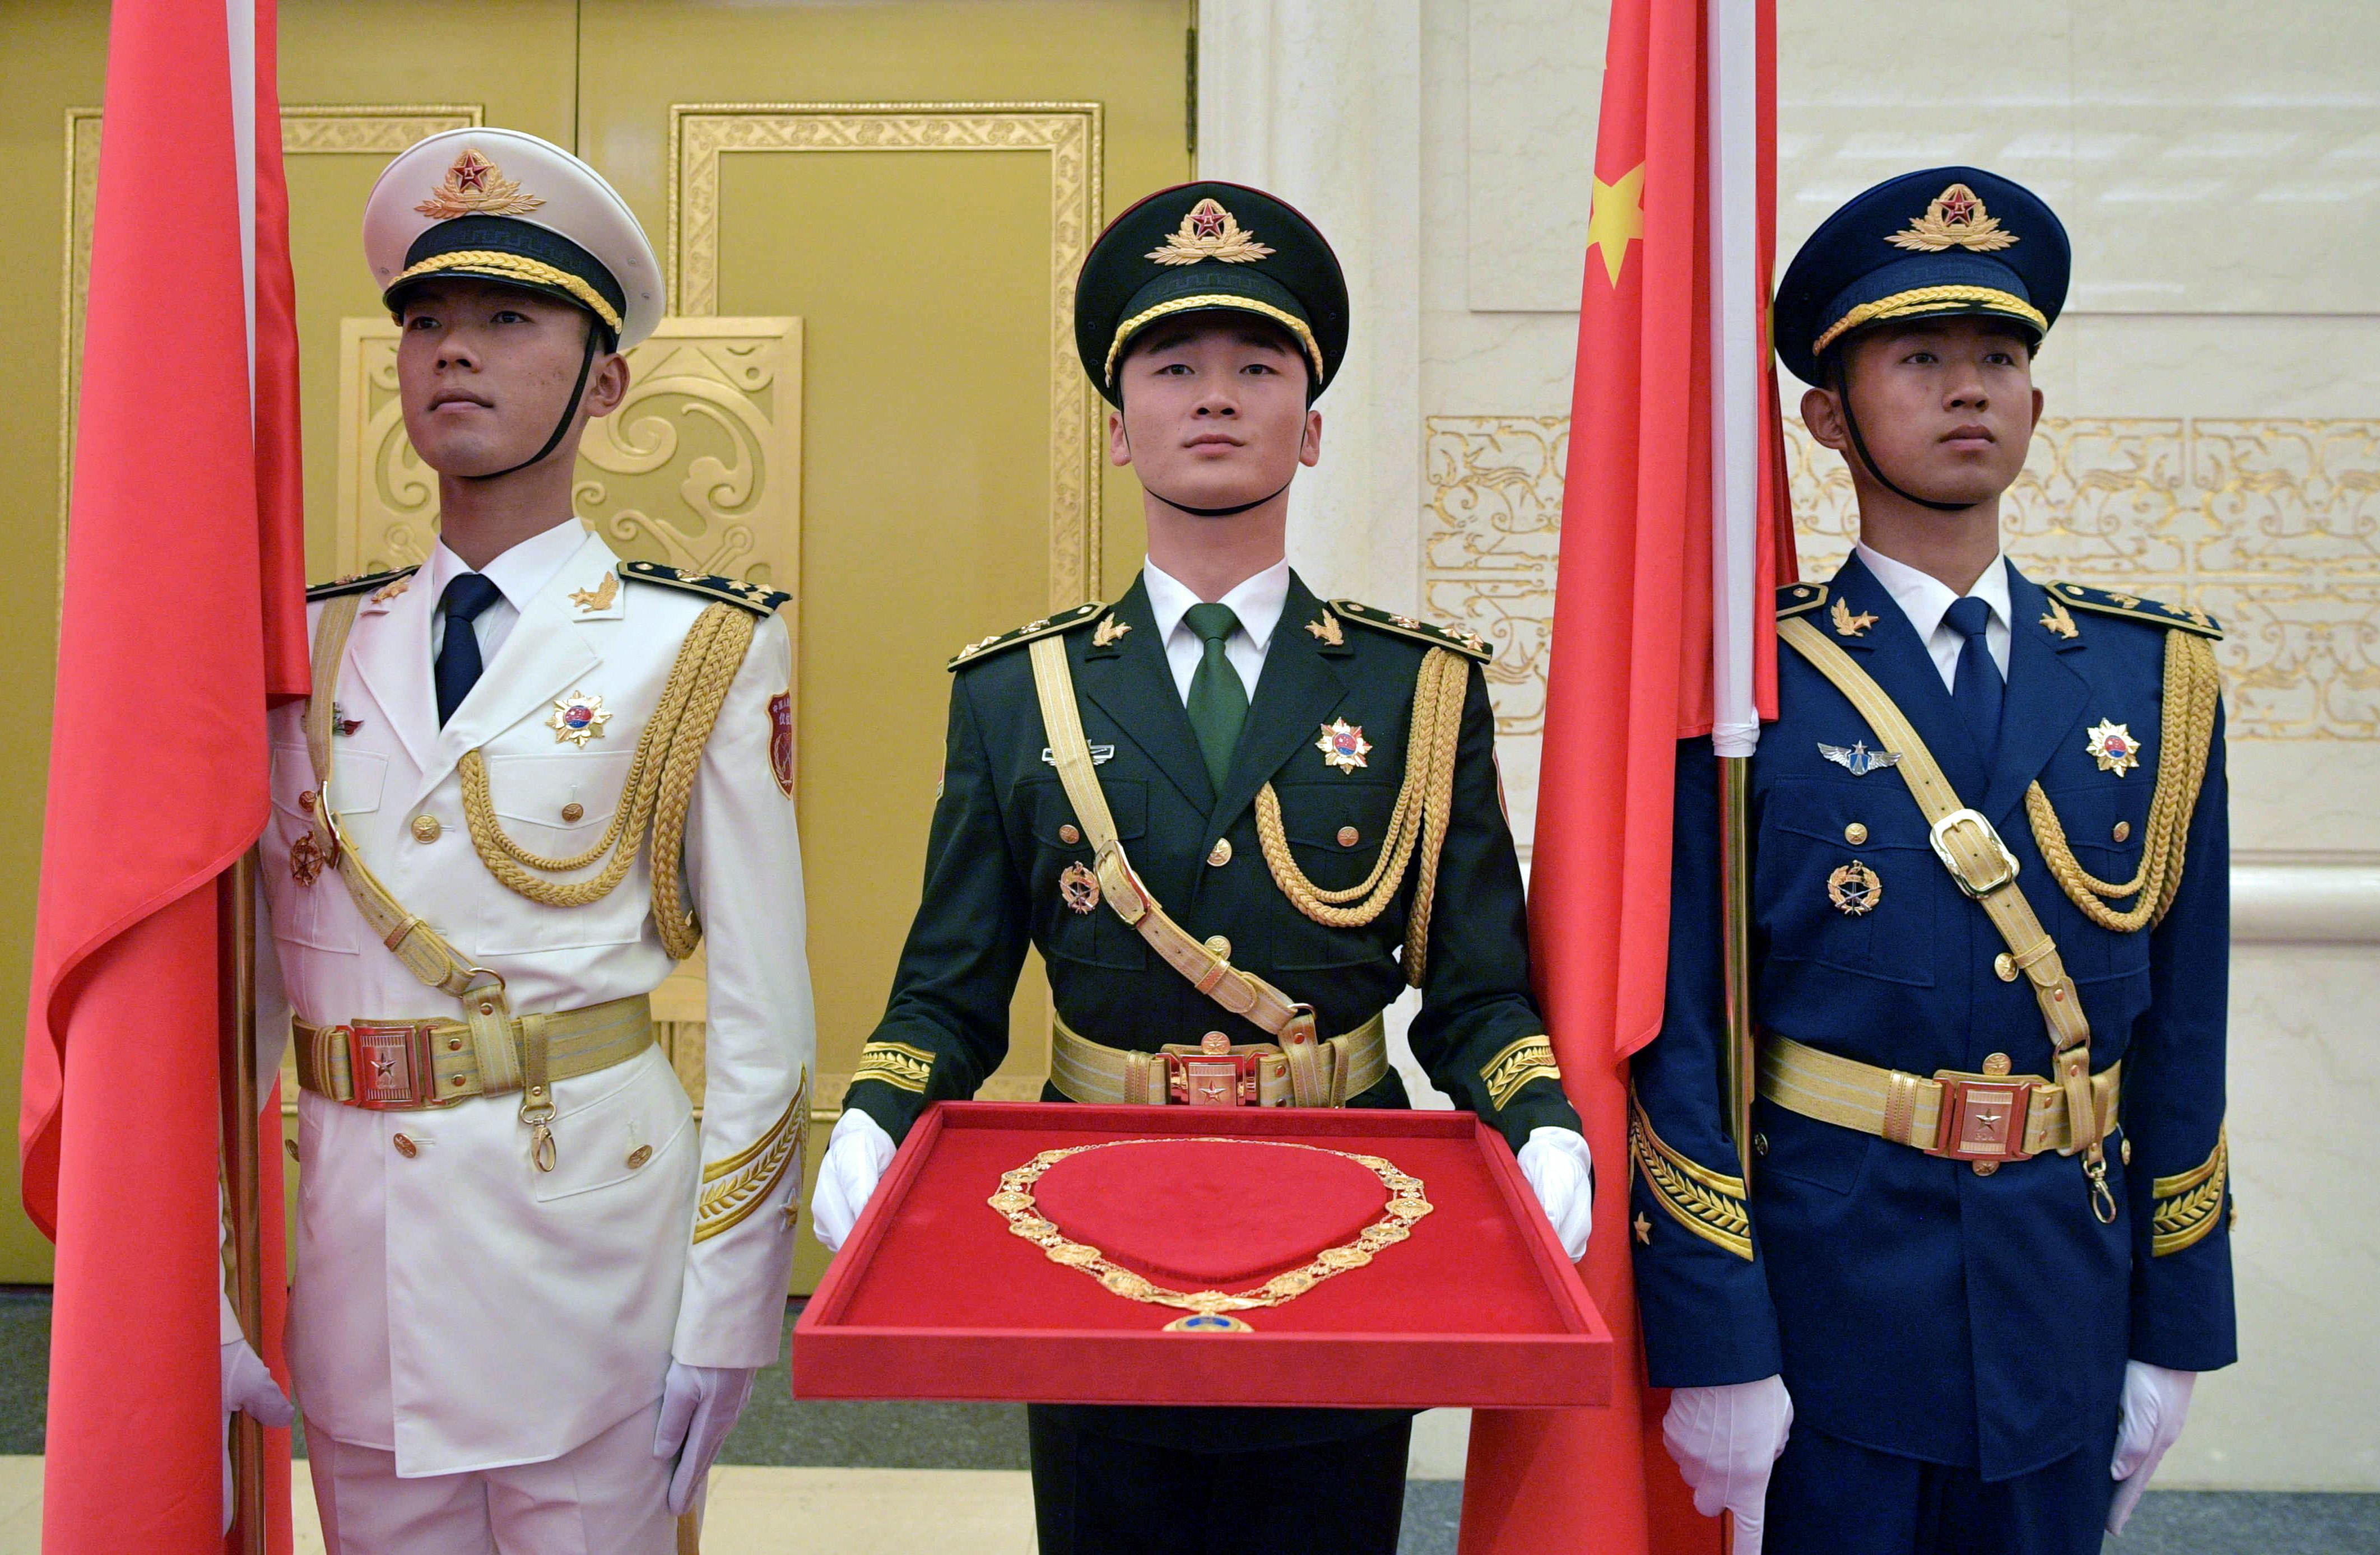 Орден Дружбы Китайская народная республика: Путин получит высшую госнаграду Китая